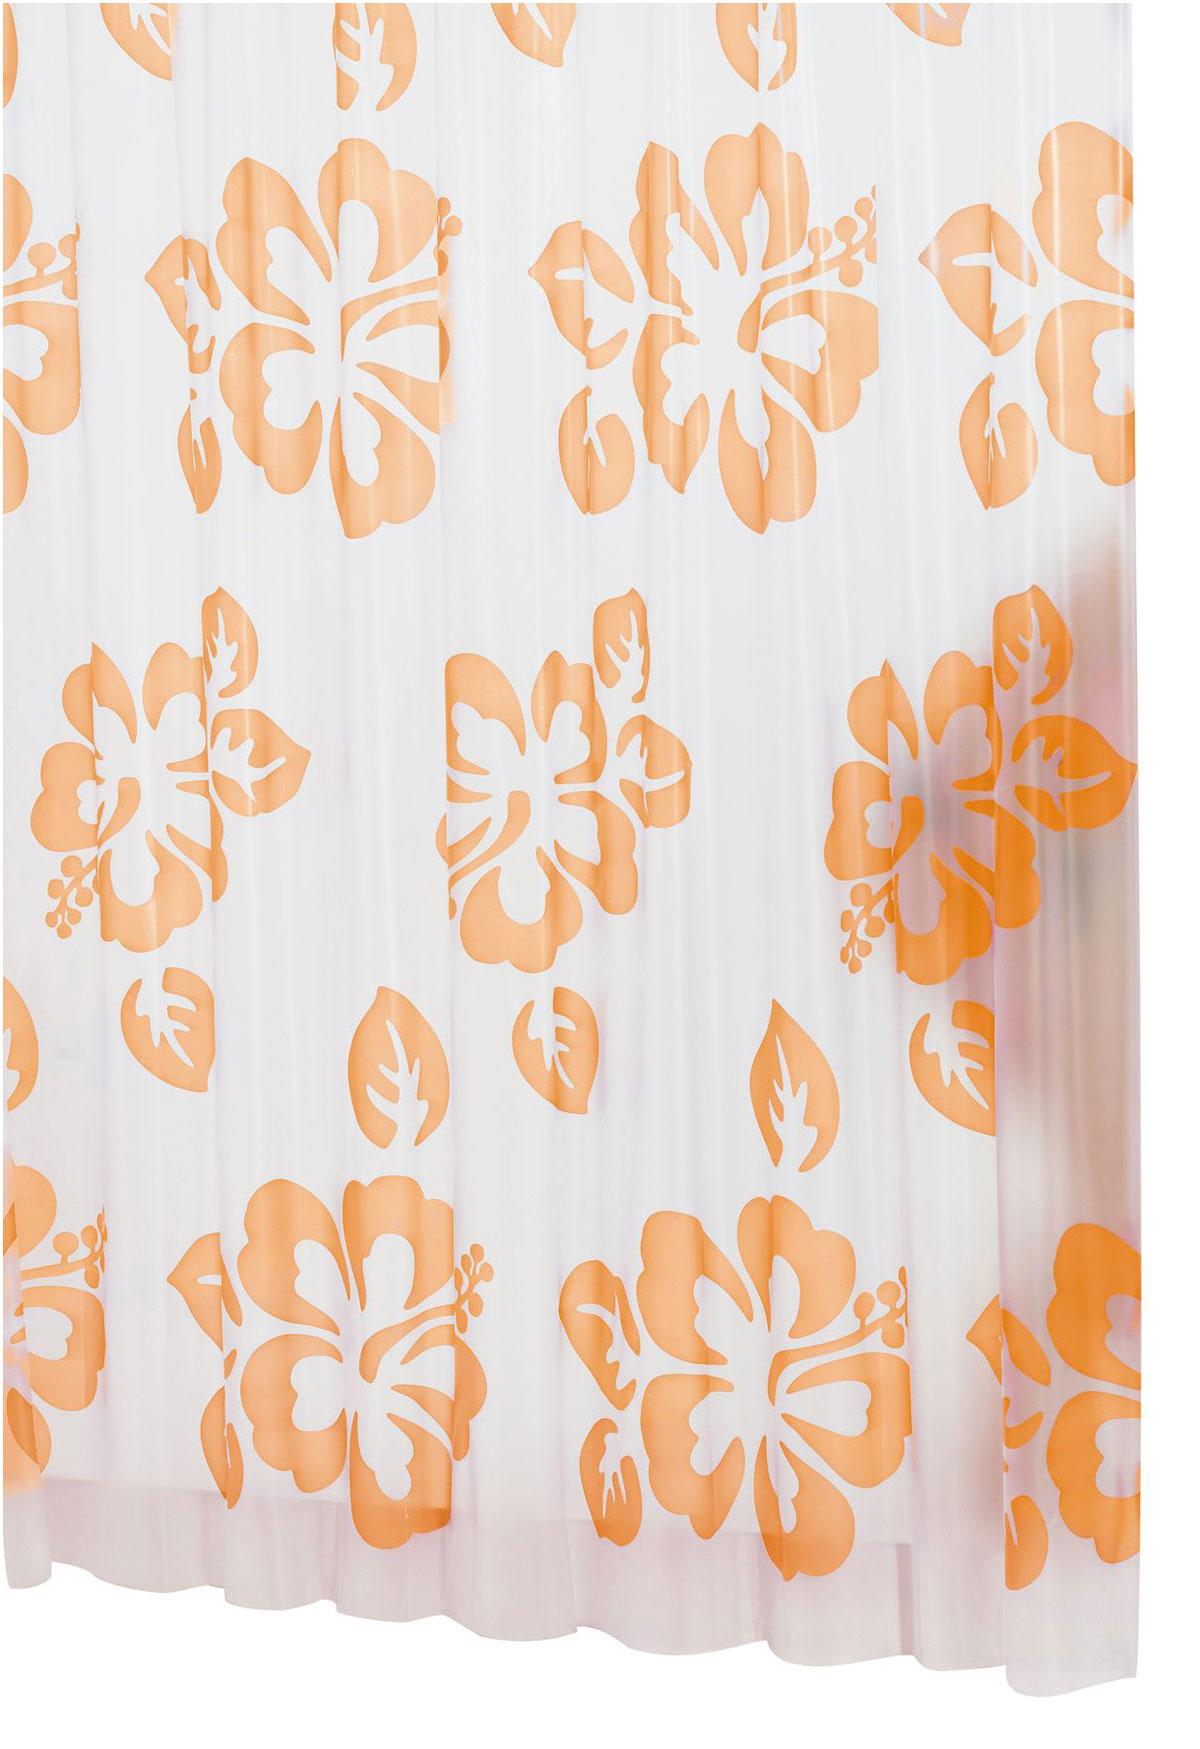 Штора для ванной комнаты Ridder Flowerpower, цвет: оранжевый, 180 х 200 смRG-D31SВысококачественная немецкая штора для душа создает прекрасное настроение.Продукты из эколена не имеют запаха и считаются экологически чистыми.Ручная стирка. Не гладить.